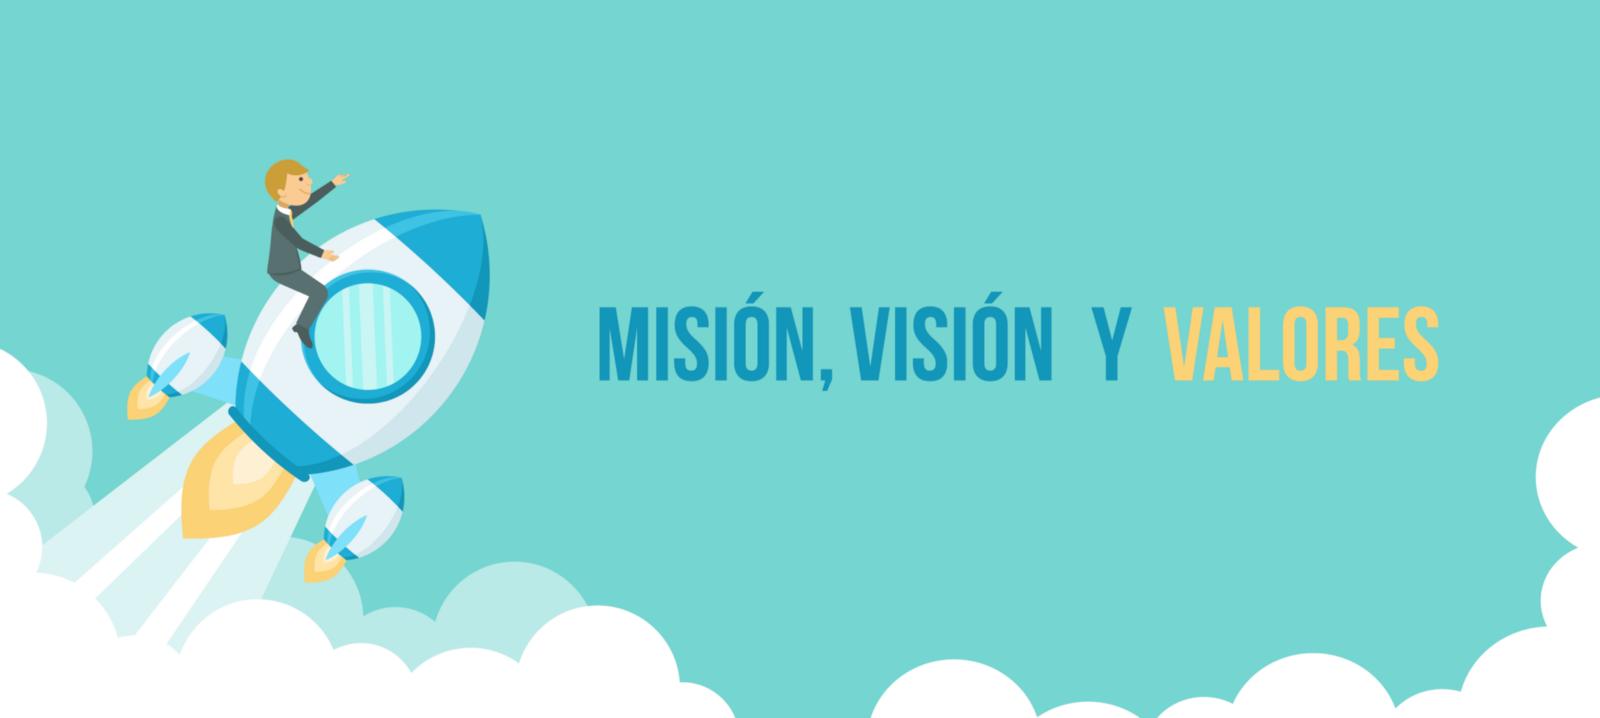 engranaje Retirada apretón  Cómo definir la misión, visión y valores de una empresa + Ejemplos |  Grandes Pymes